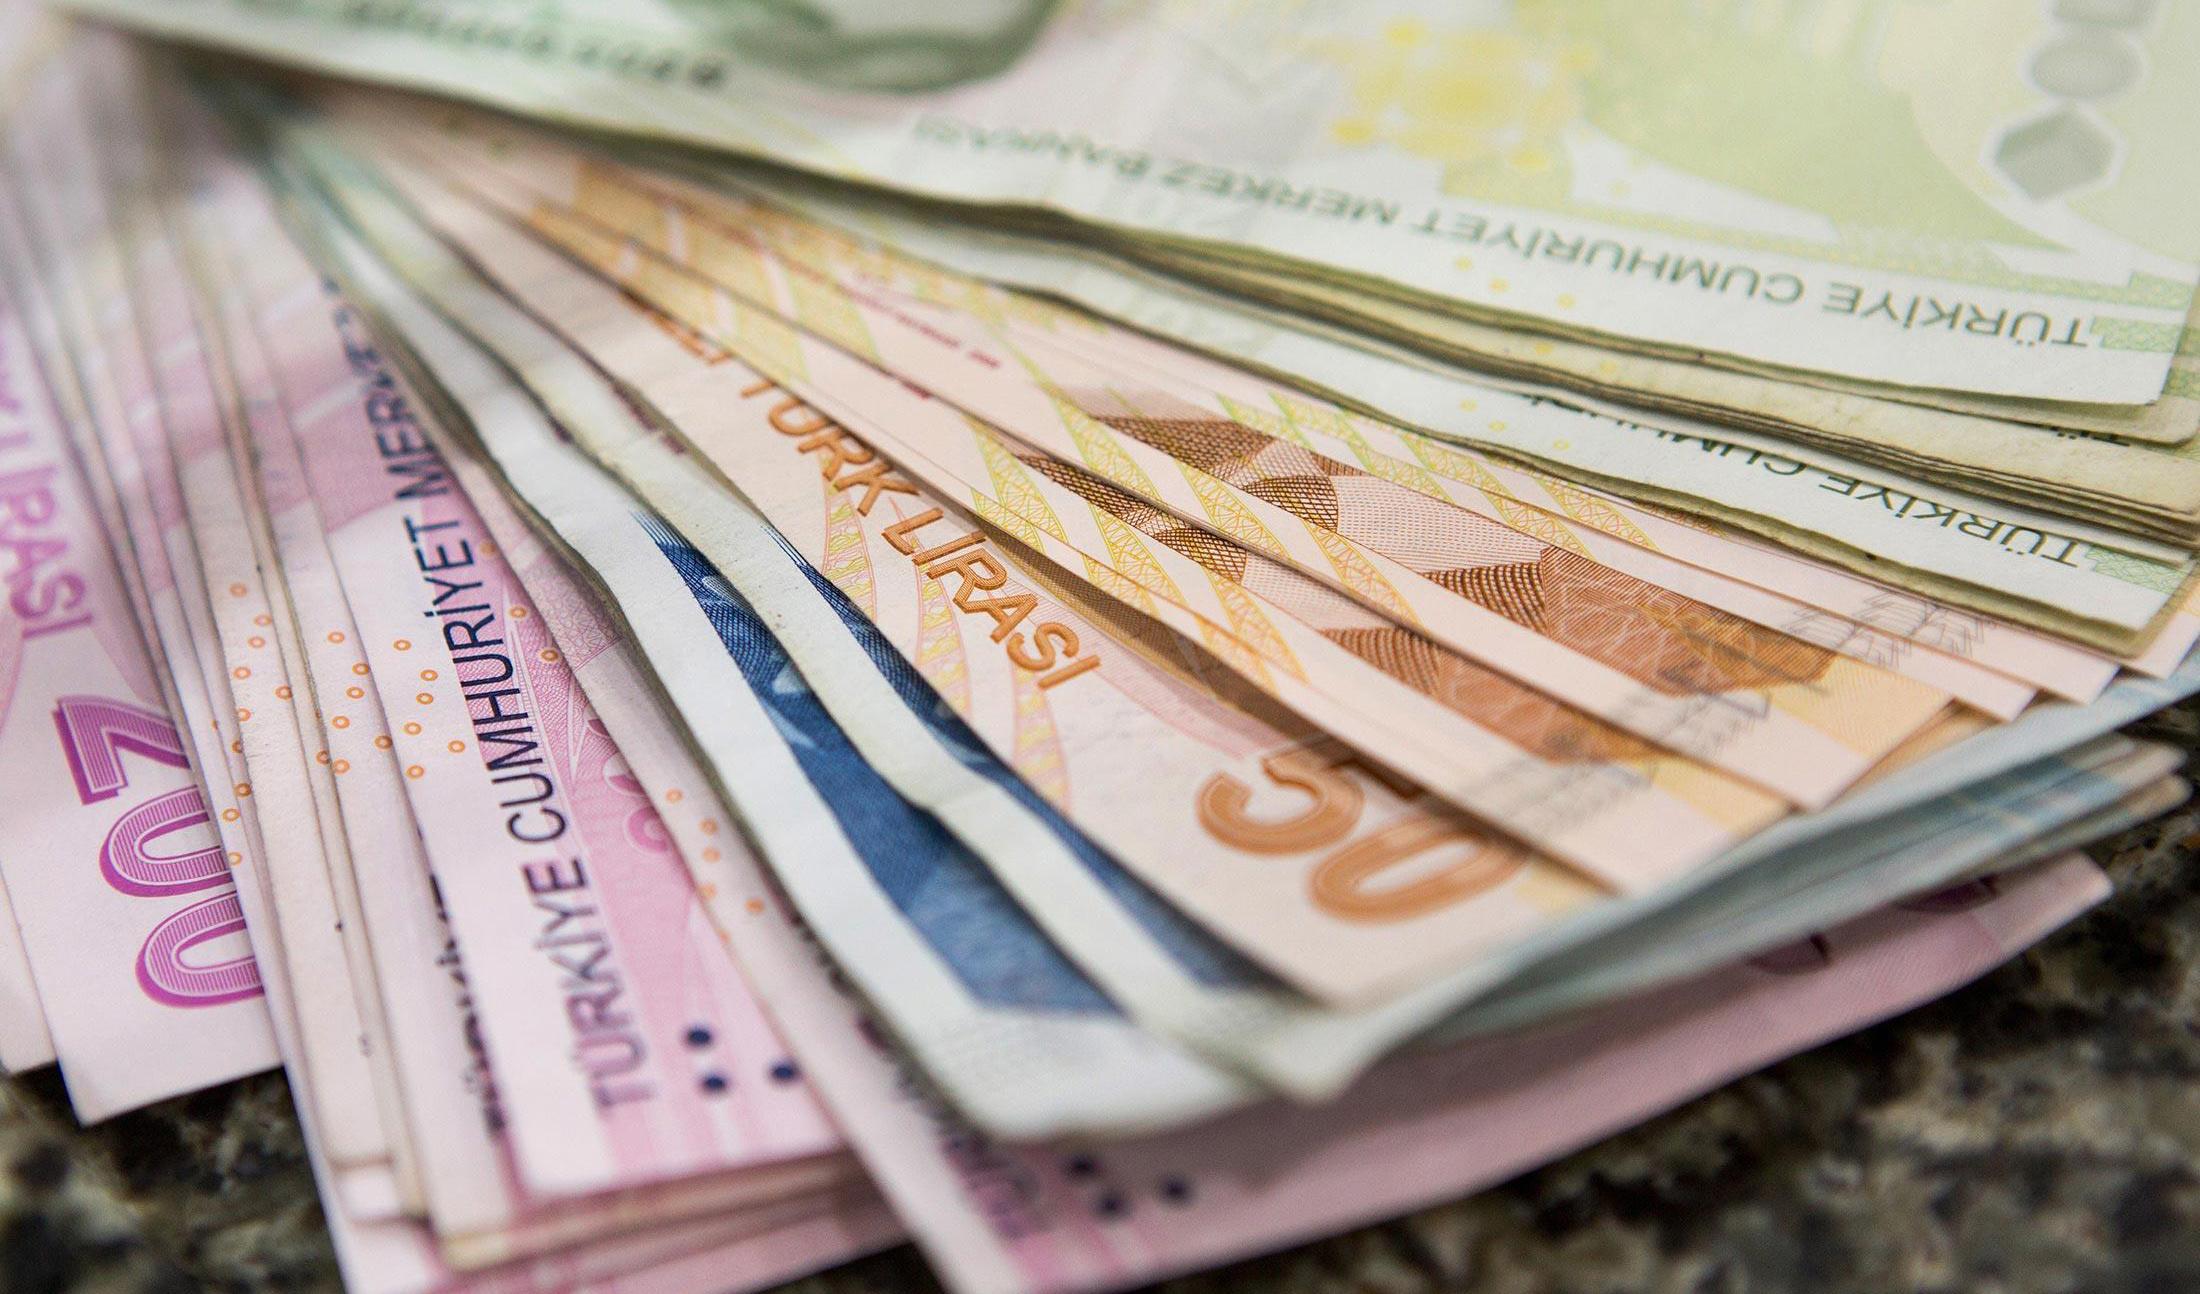 نگرانی از کاهش ذخایر ارزی ترکیه و روند نزولی ارزش لیر